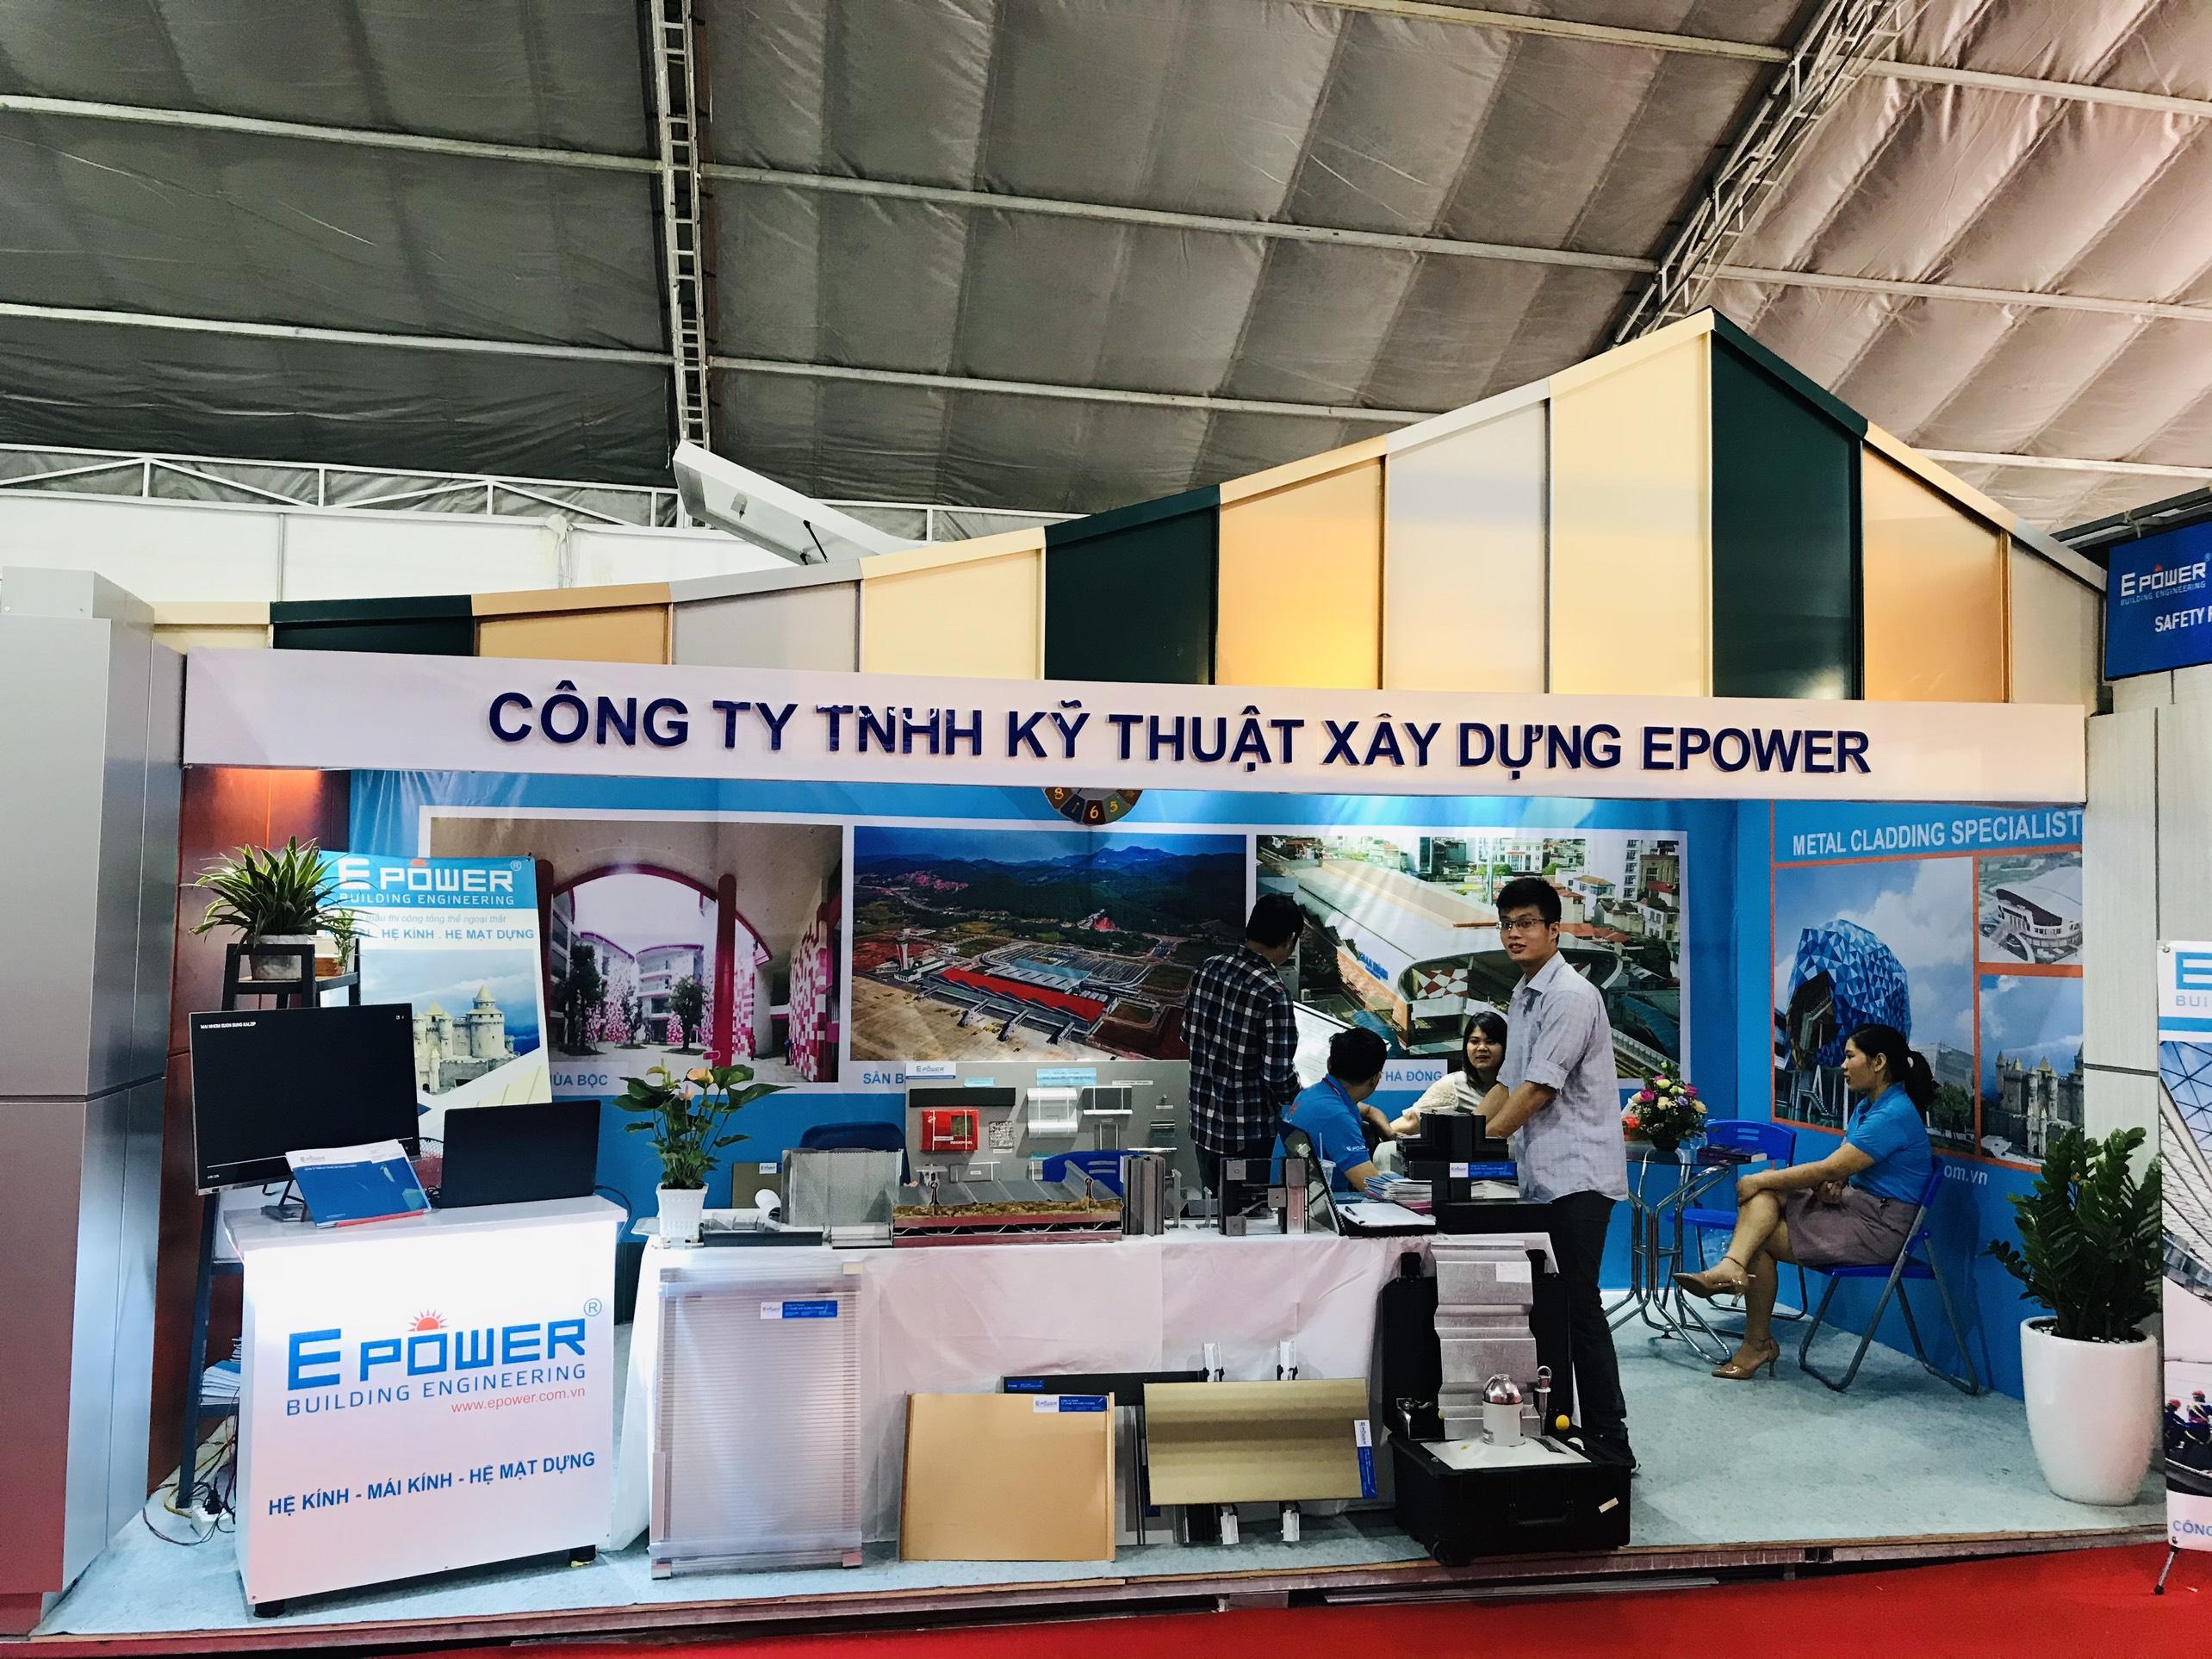 EPOWER tham dự triển lãm Vietbuild 2020 tại Hà Nội.